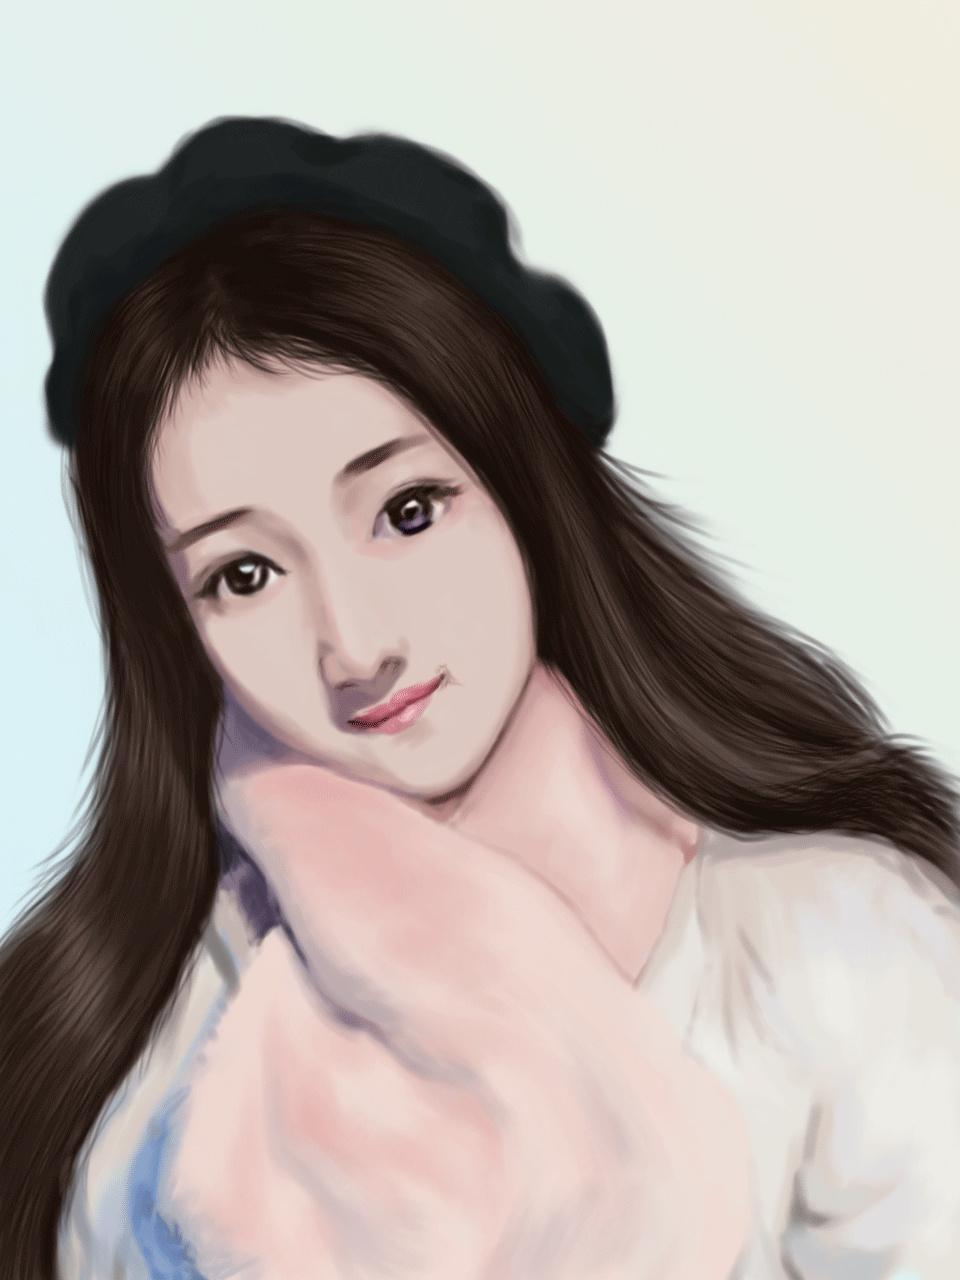 超写实手绘ps美女头像|插画|商业插画|暖阳天 - 原创